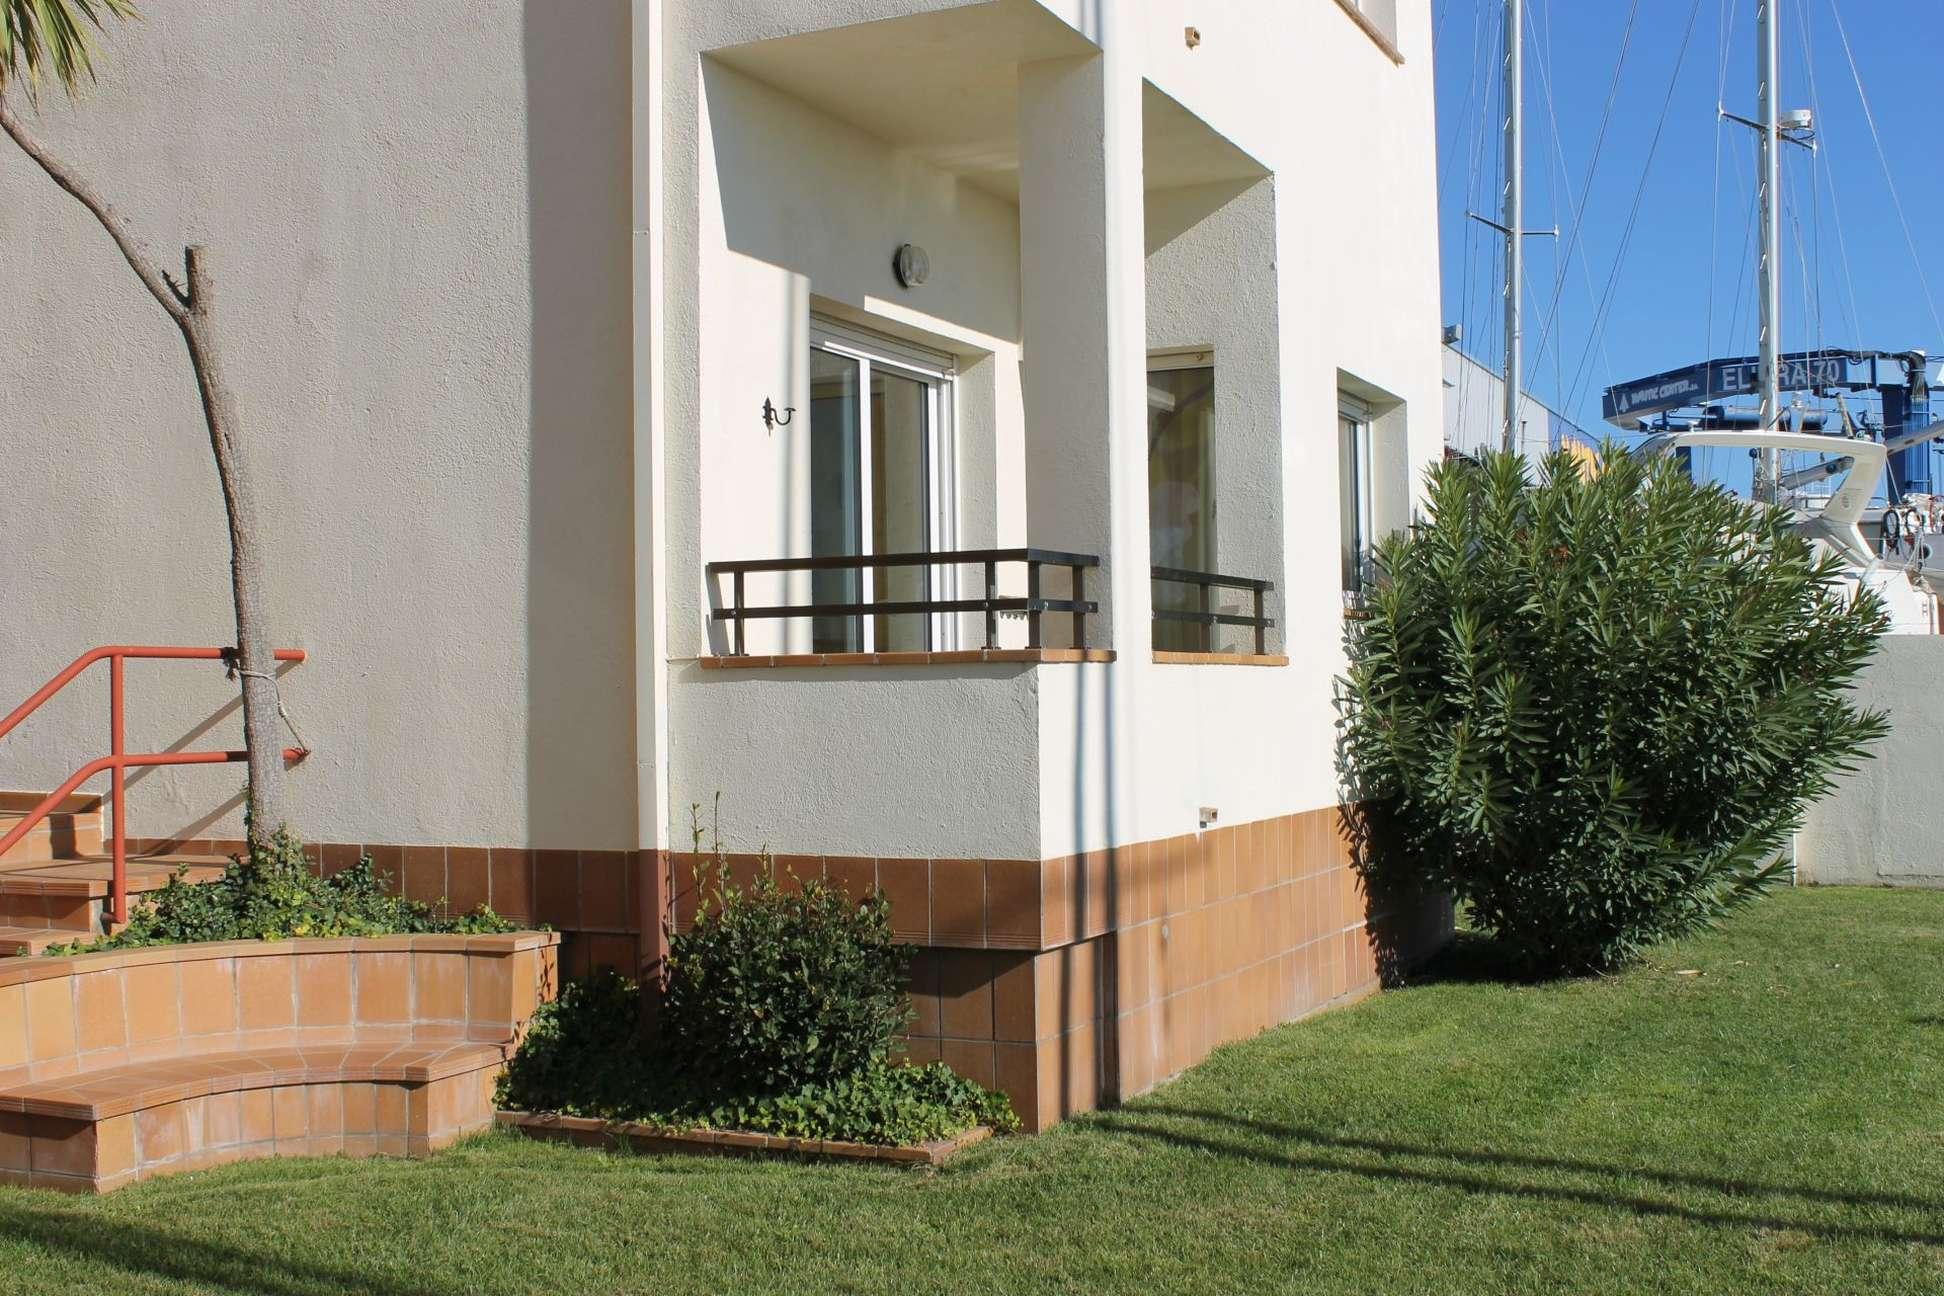 Vente Appartement 3 chambres parking et GRATUIT la location d un